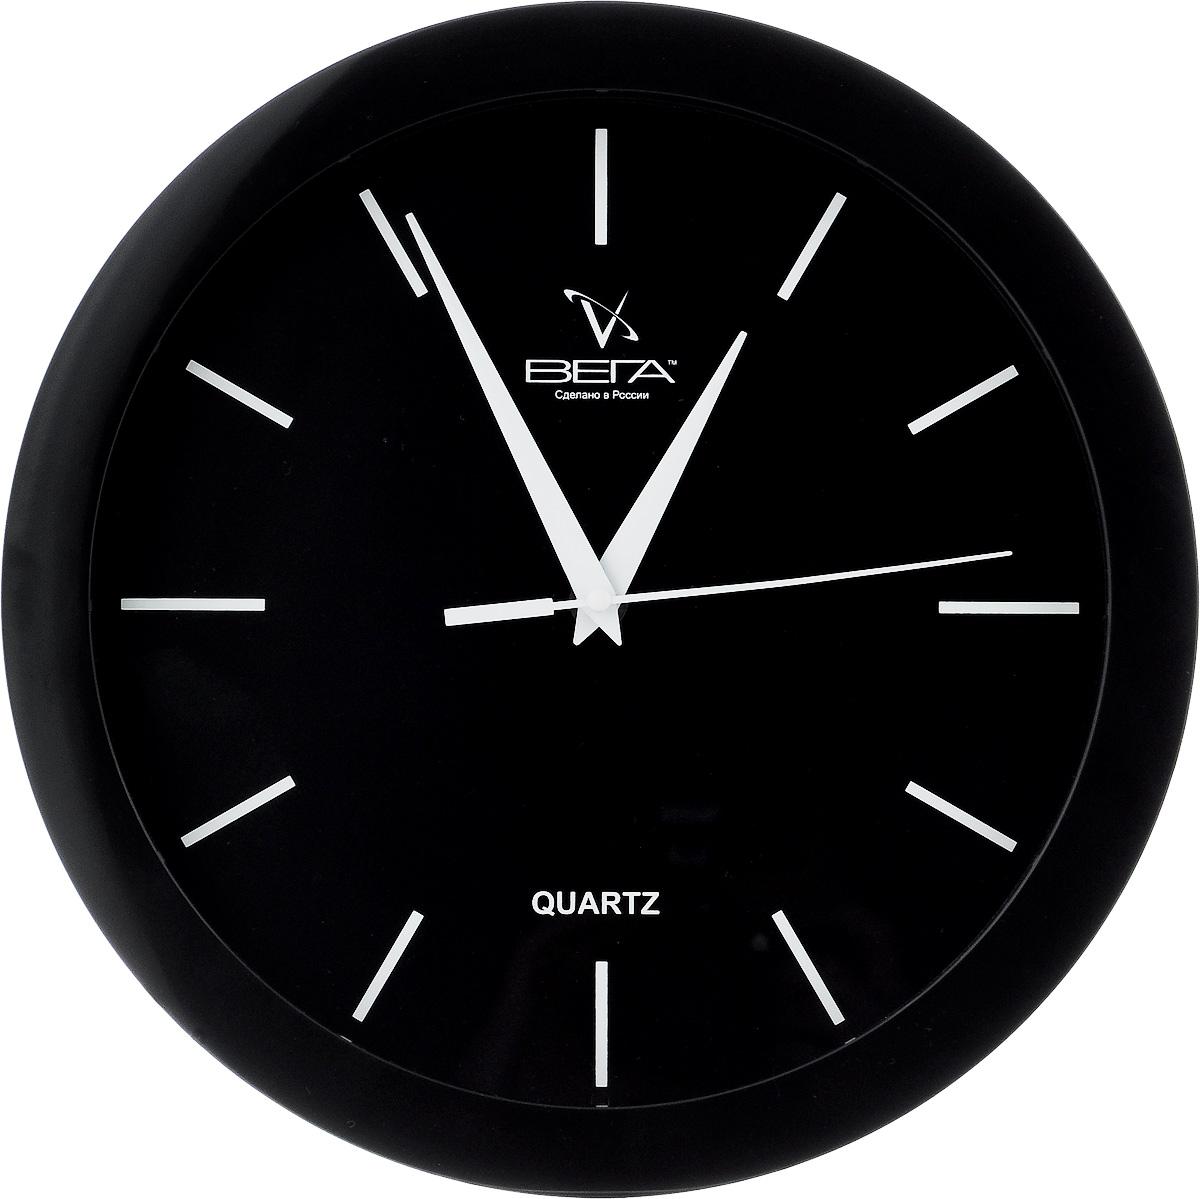 Часы настенные Вега Белые риски, цвет: черный, диаметр 28,5 смП1-6/6-23Настенные кварцевые часы Вега Белые риски, изготовленные из пластика, прекрасно впишутся в интерьервашего дома. Круглые часы имеют три стрелки: часовую,минутную и секундную, циферблат защищен прозрачным стеклом.Часы работают от 1 батарейки типа АА напряжением 1,5 В (не входит в комплект).Диаметр часов: 28,5 см.